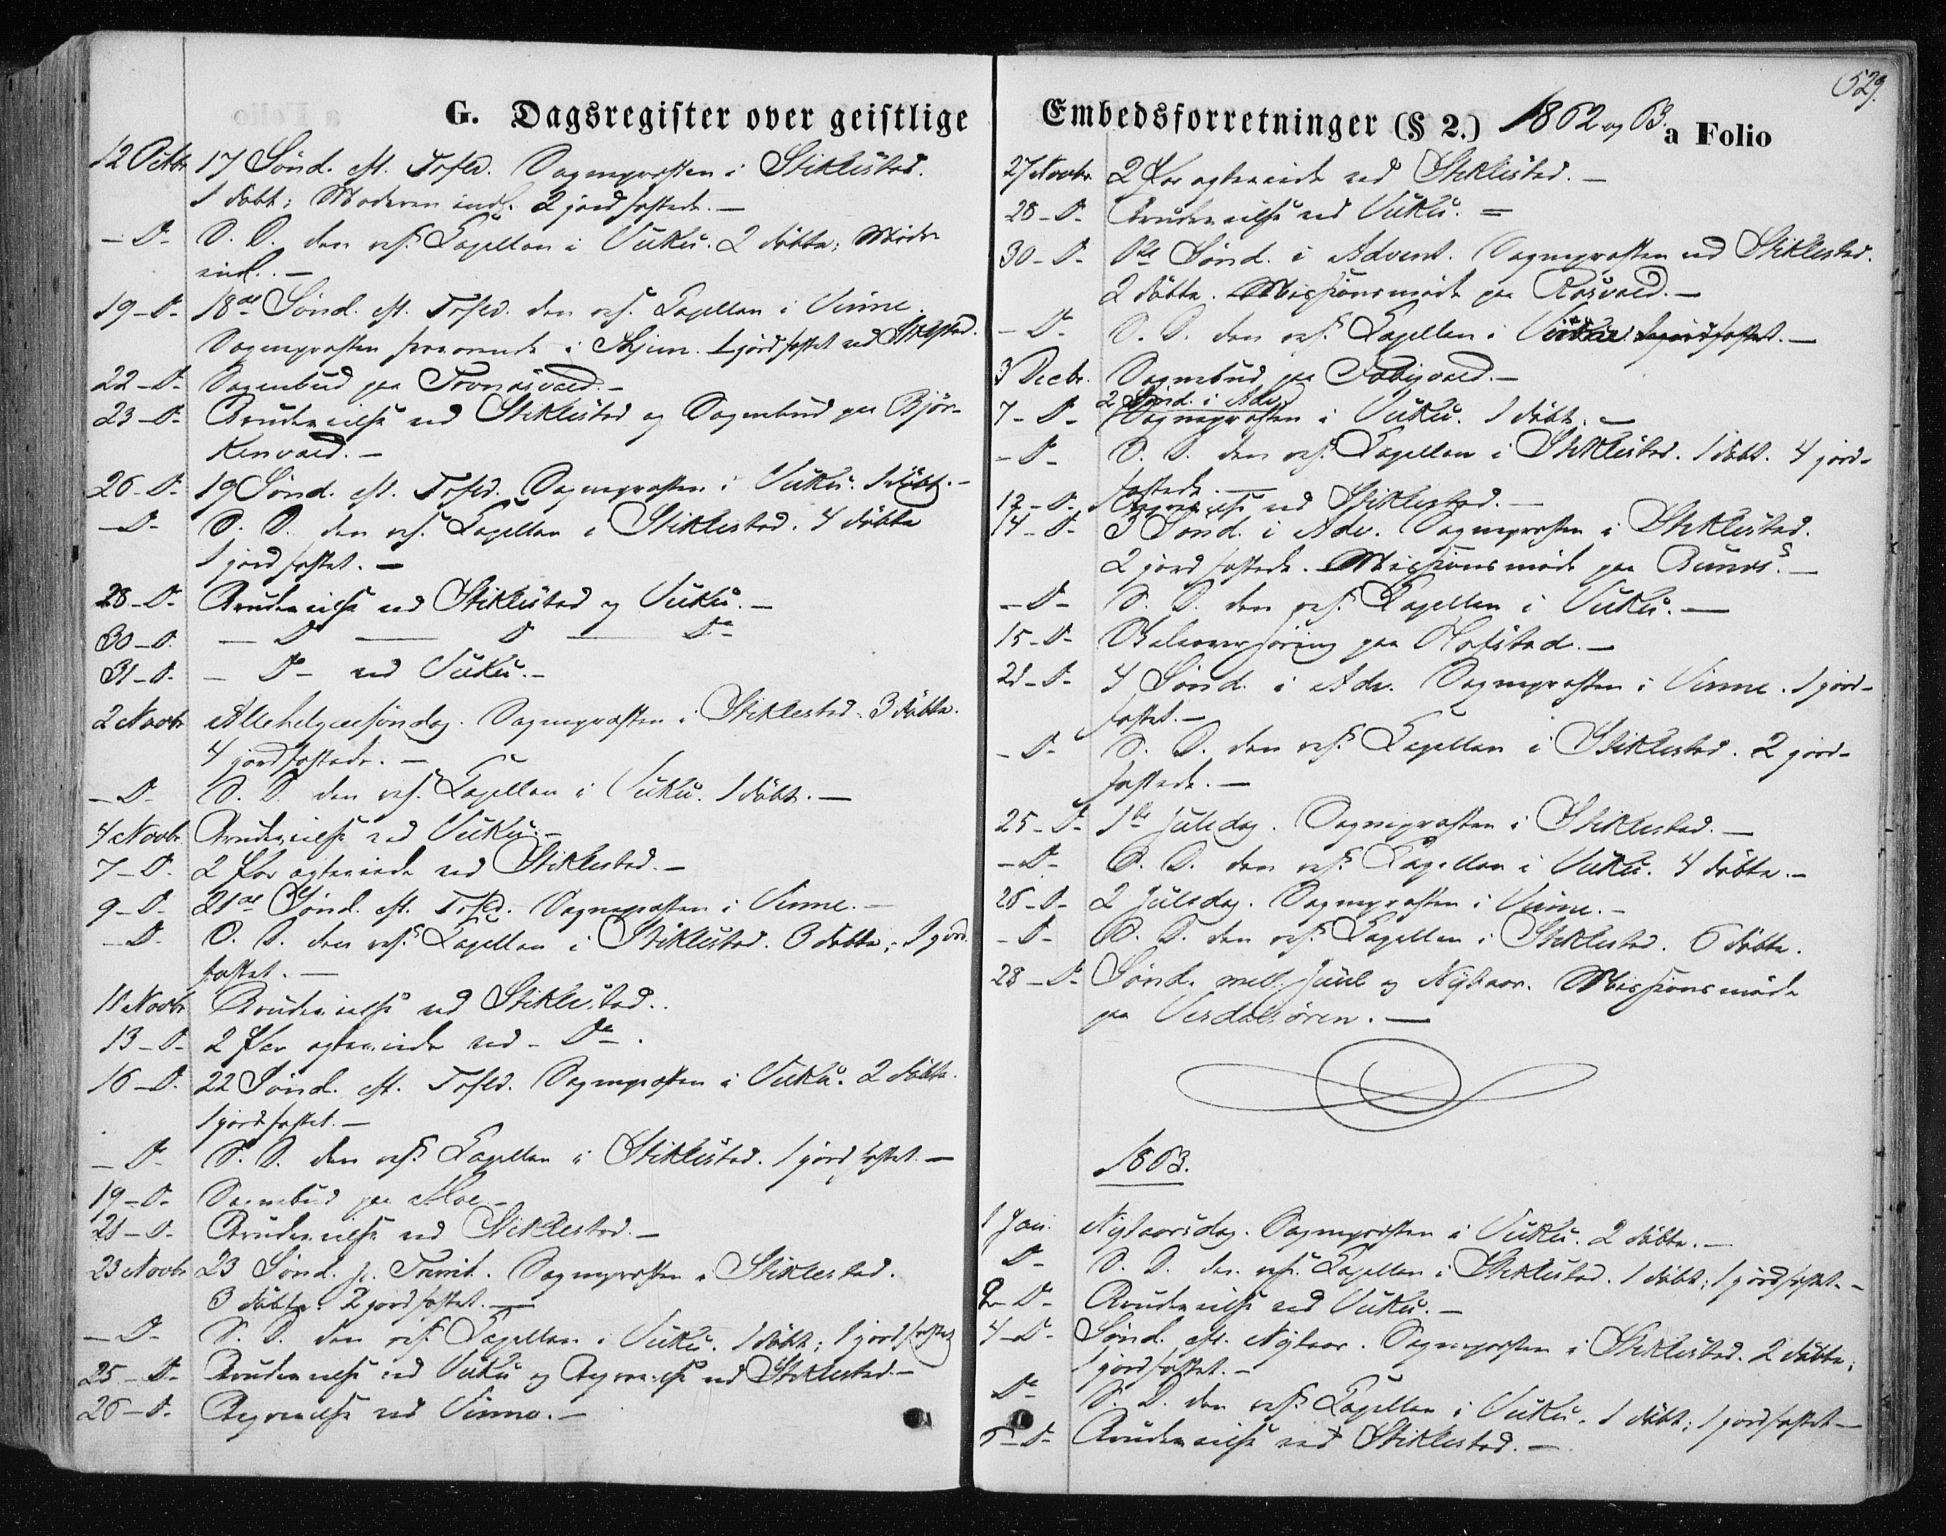 SAT, Ministerialprotokoller, klokkerbøker og fødselsregistre - Nord-Trøndelag, 723/L0241: Ministerialbok nr. 723A10, 1860-1869, s. 529